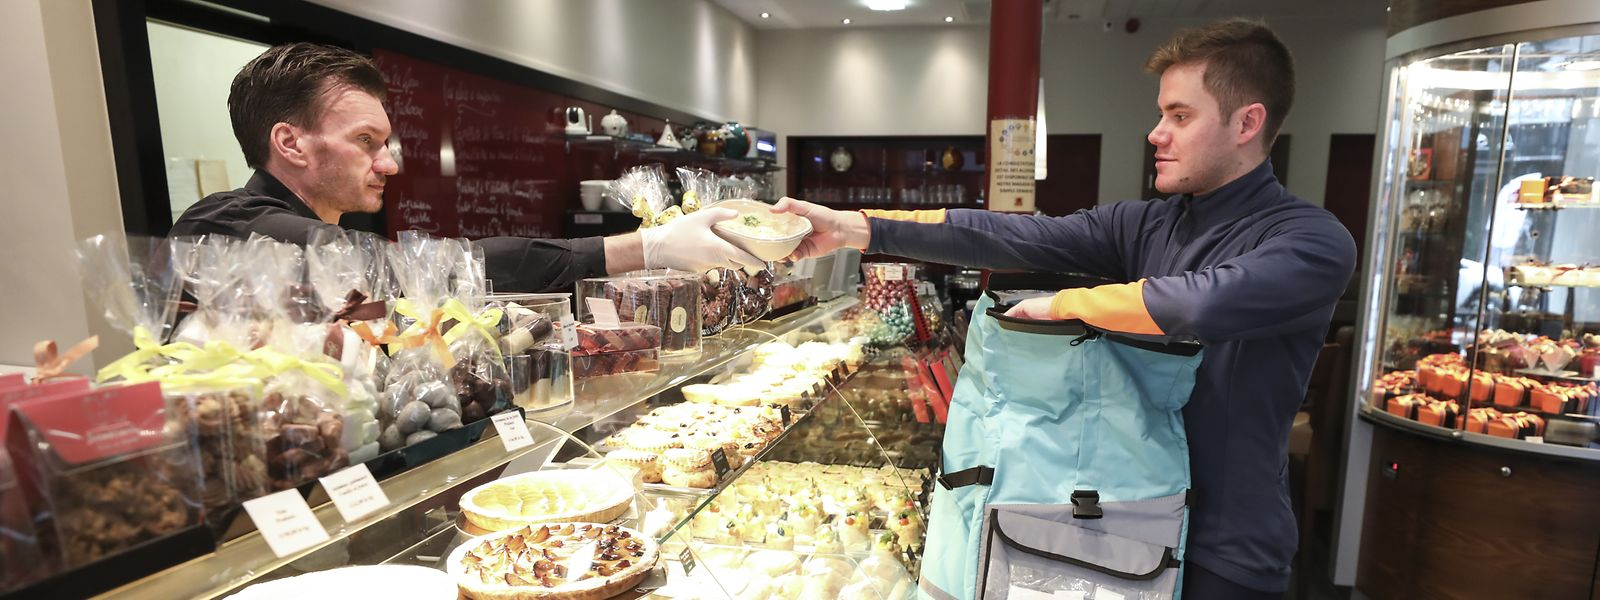 Gelebte Solidarität in Krisenzeiten: Fahrradkurier Sébastien Cayotte aus Esch erledigt Einkäufe für Senioren und Bedürftige.